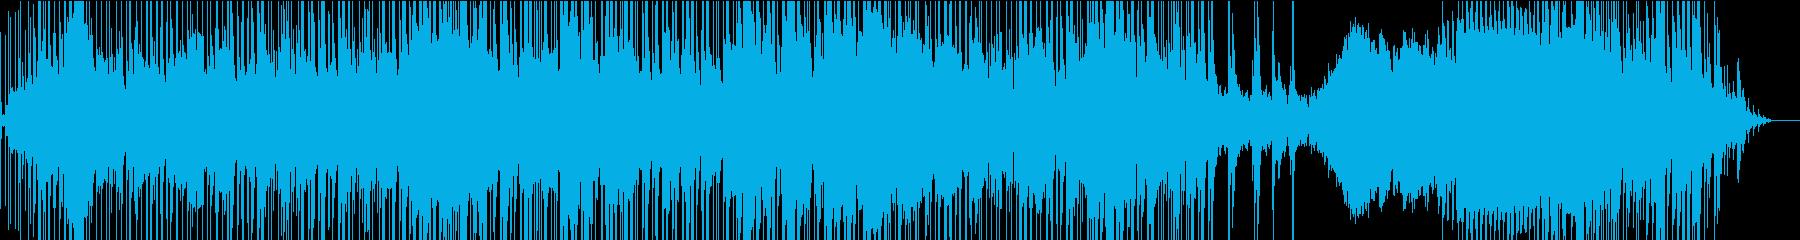 ジャズ風のオープニング曲の再生済みの波形